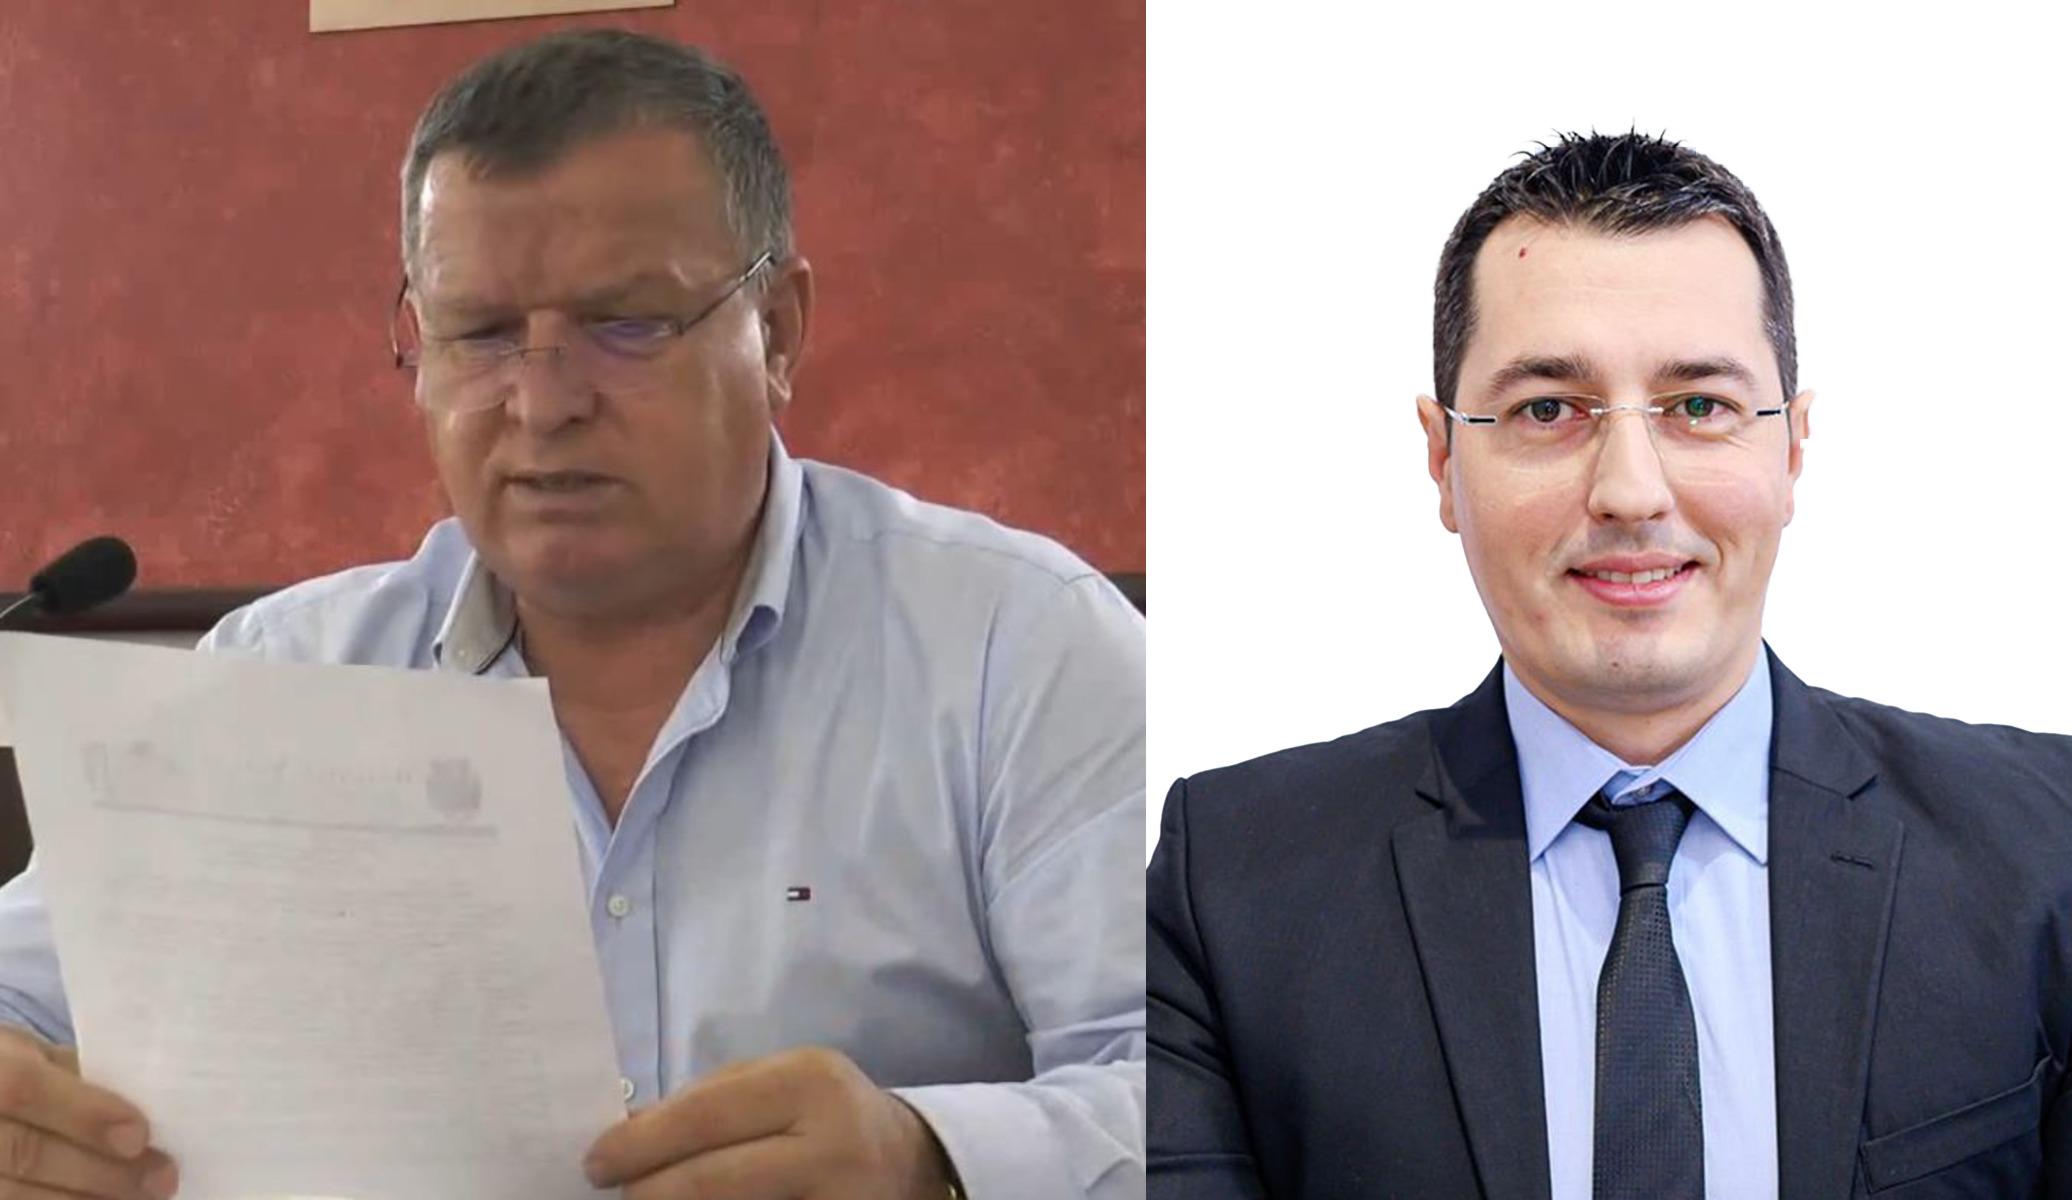 Consiliul Local: Schimbări majore la AGA PIEȚE PREST SA și reaprobarea creditului de 30 de milioane de lei